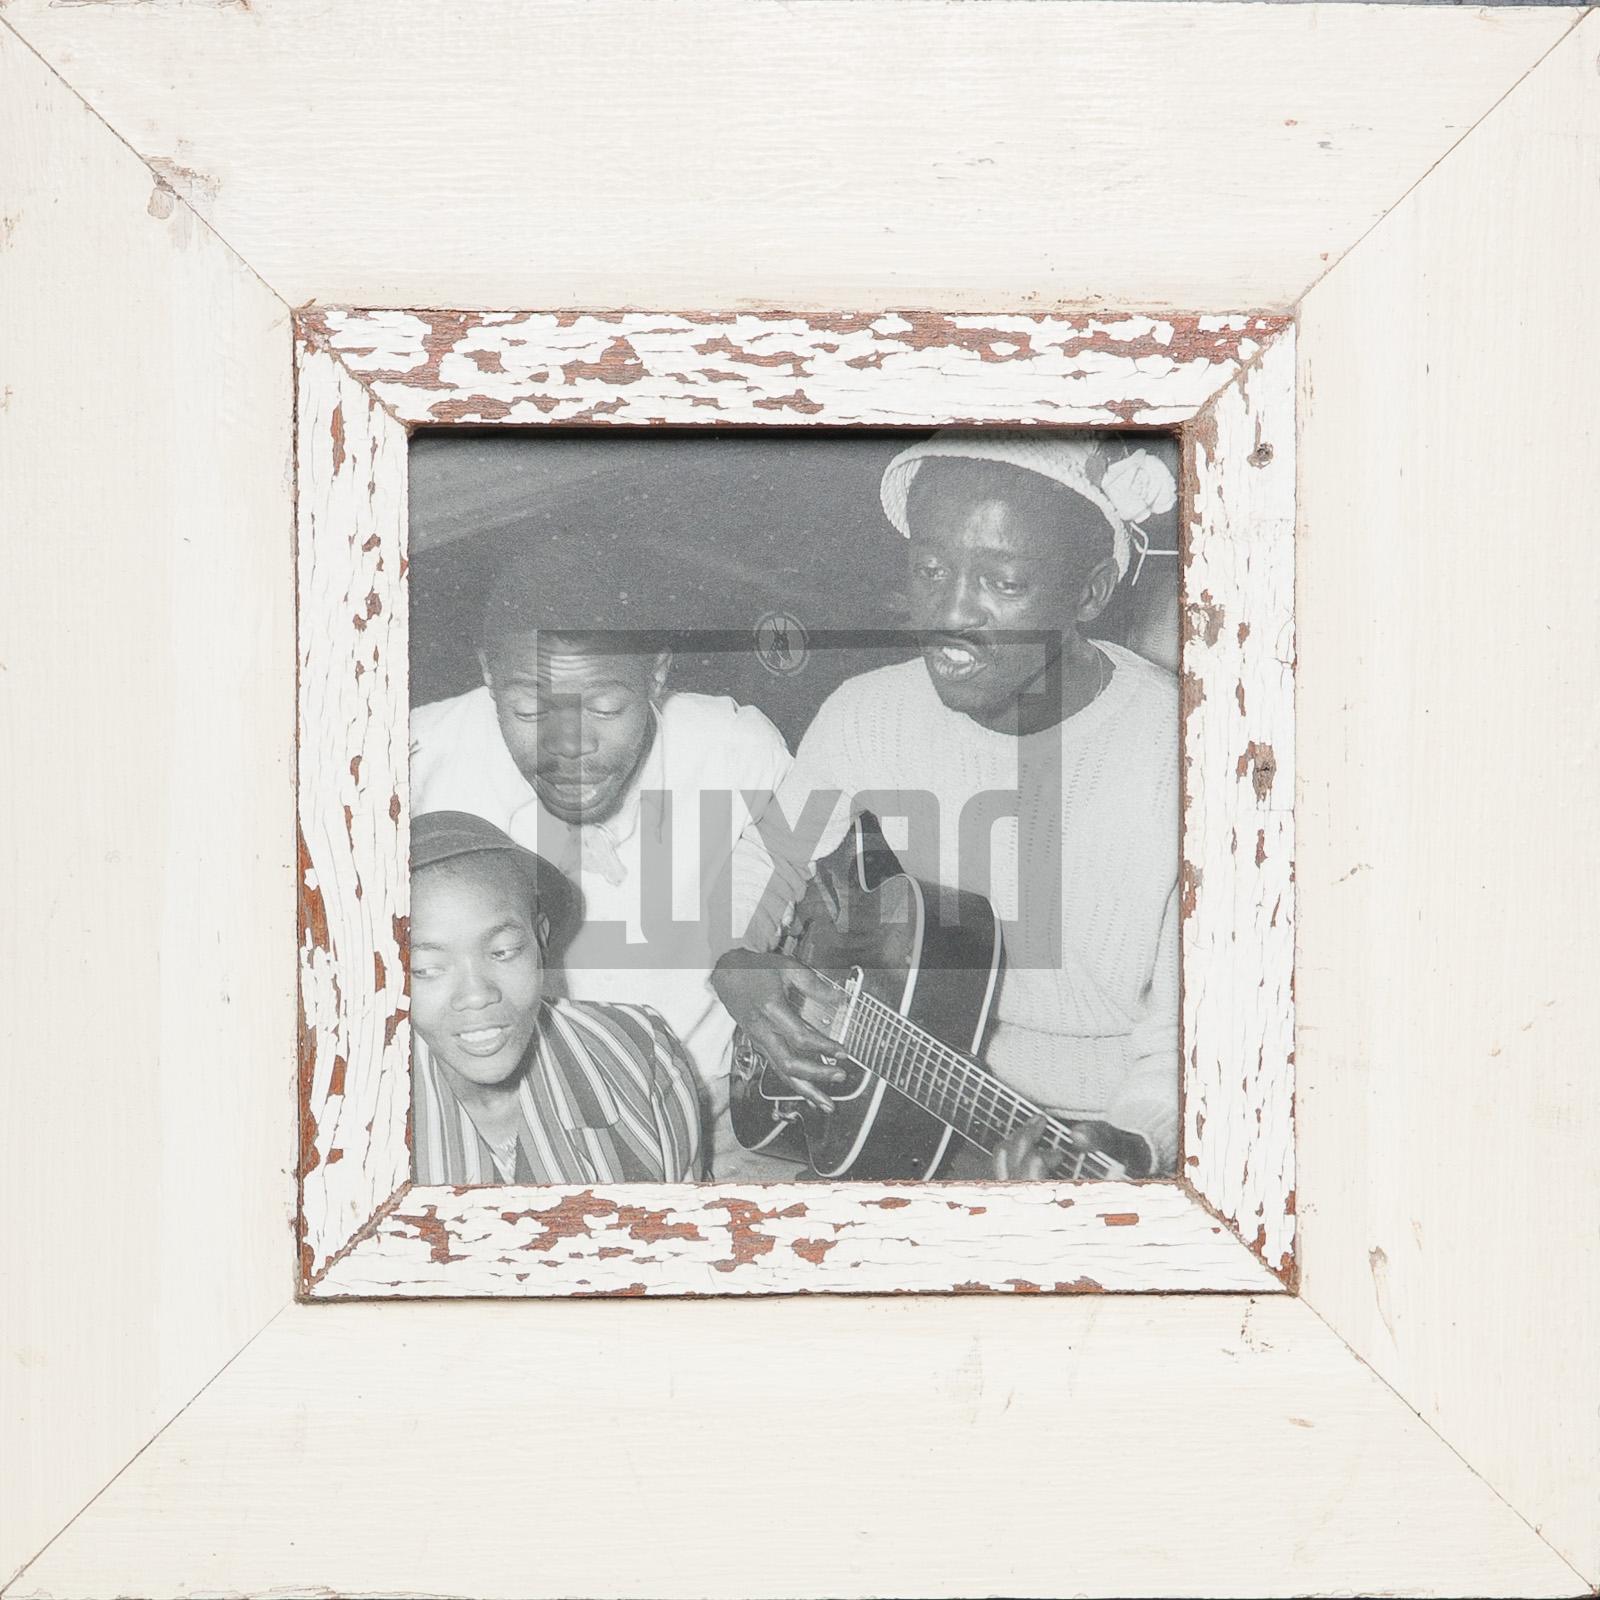 Quadratischer Bilderrahmen aus alten Holzleisten für quadratische Fotos